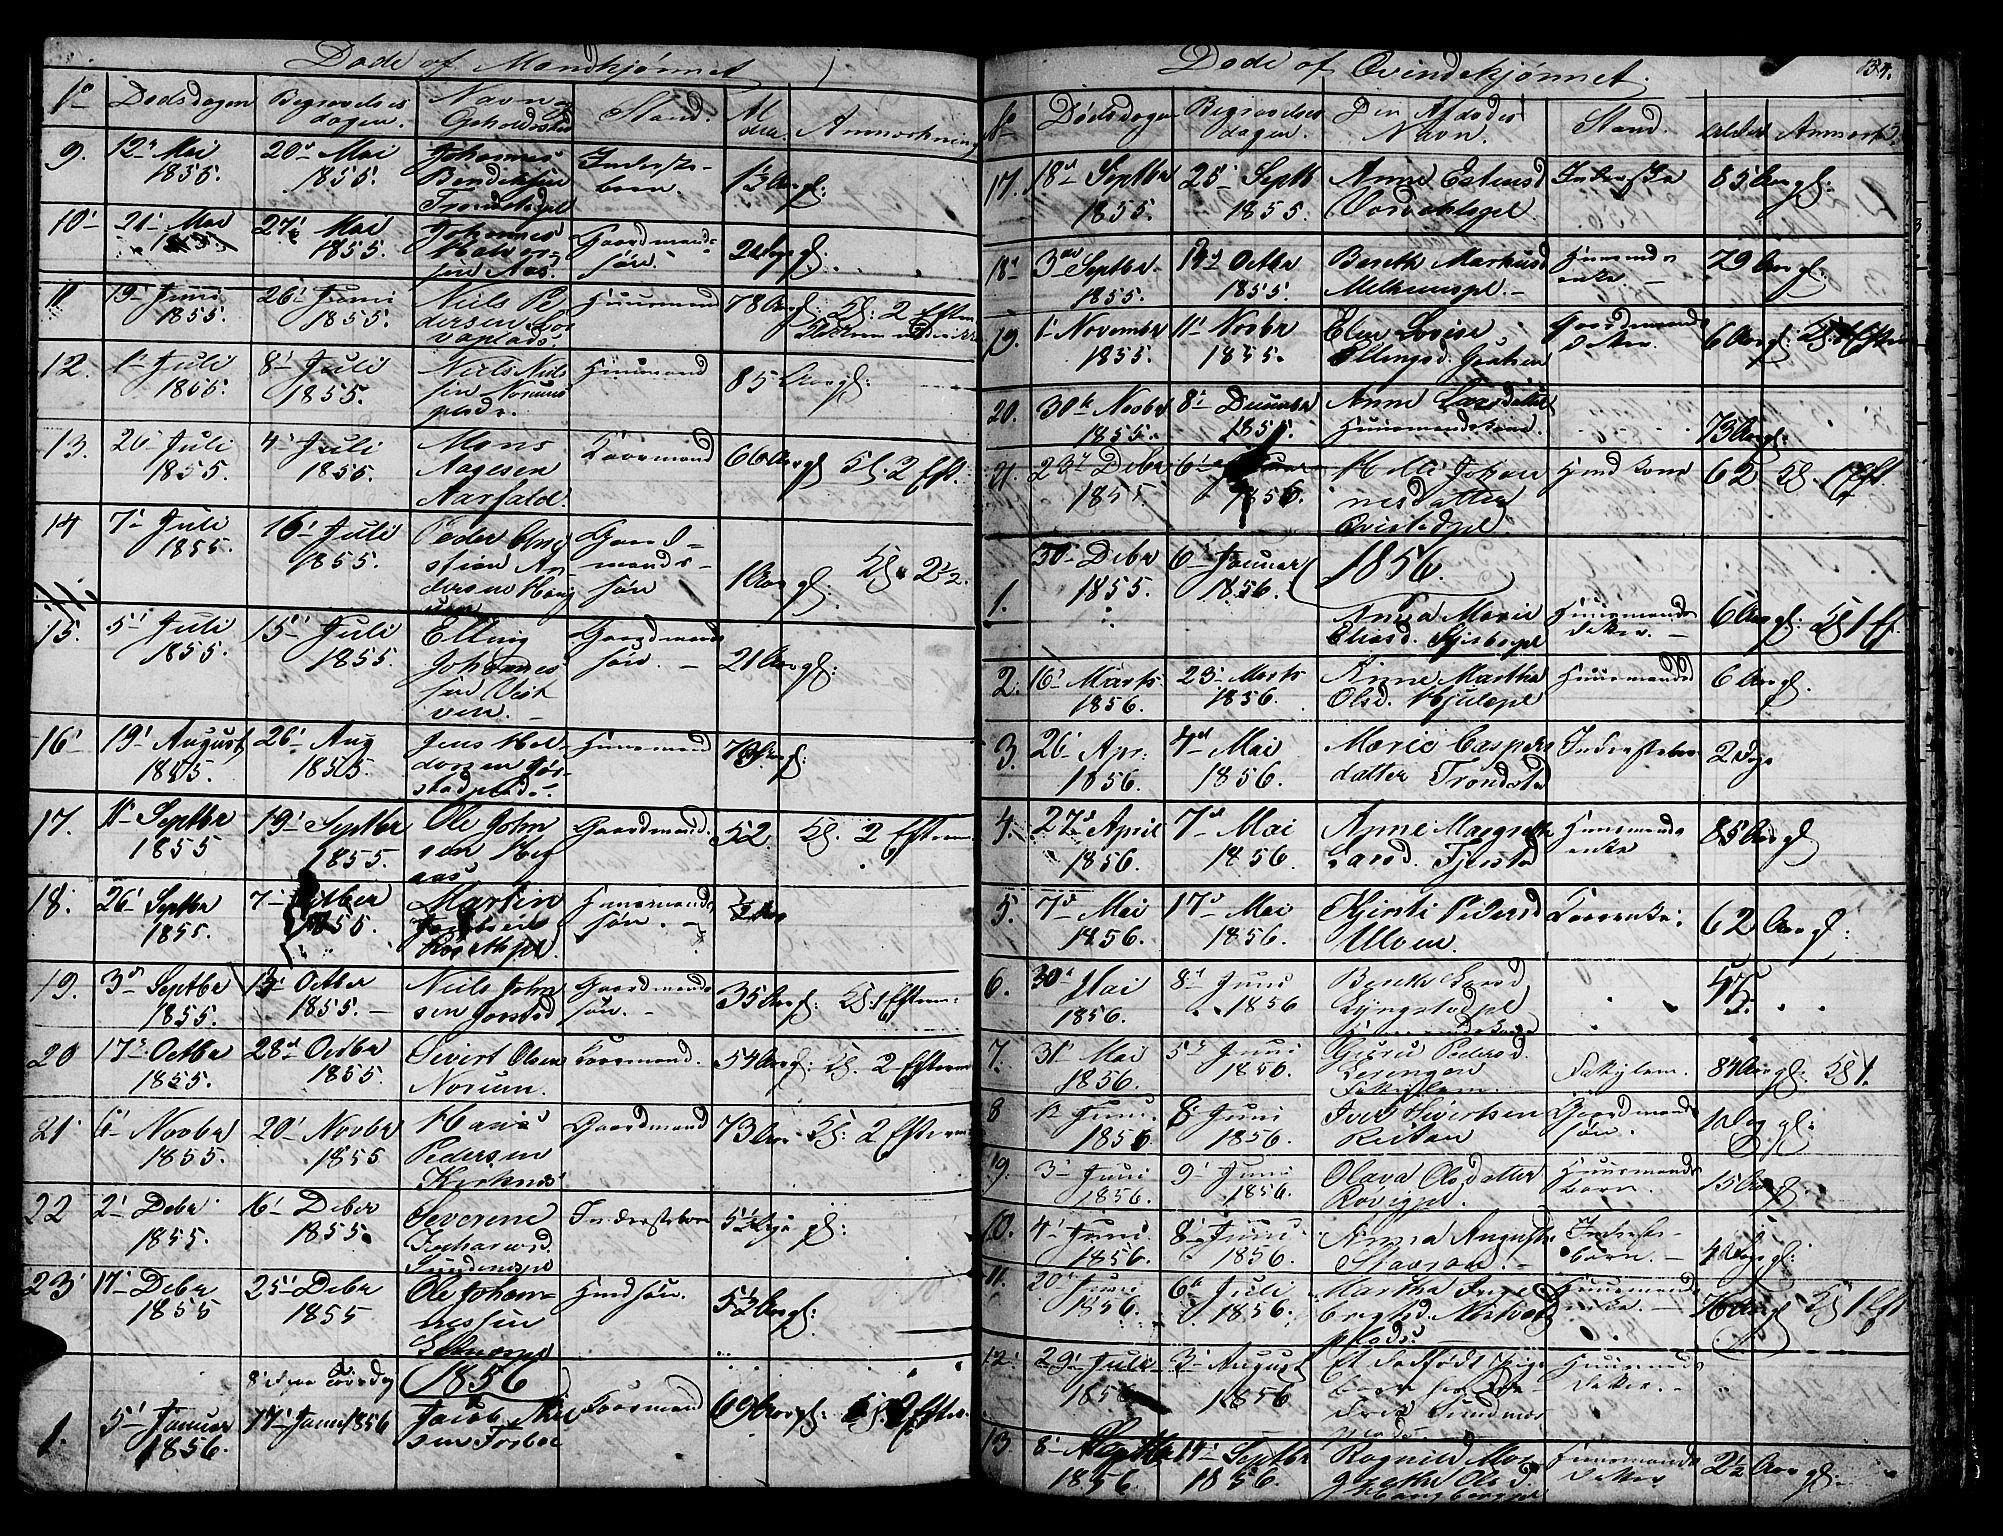 SAT, Ministerialprotokoller, klokkerbøker og fødselsregistre - Nord-Trøndelag, 730/L0299: Klokkerbok nr. 730C02, 1849-1871, s. 154